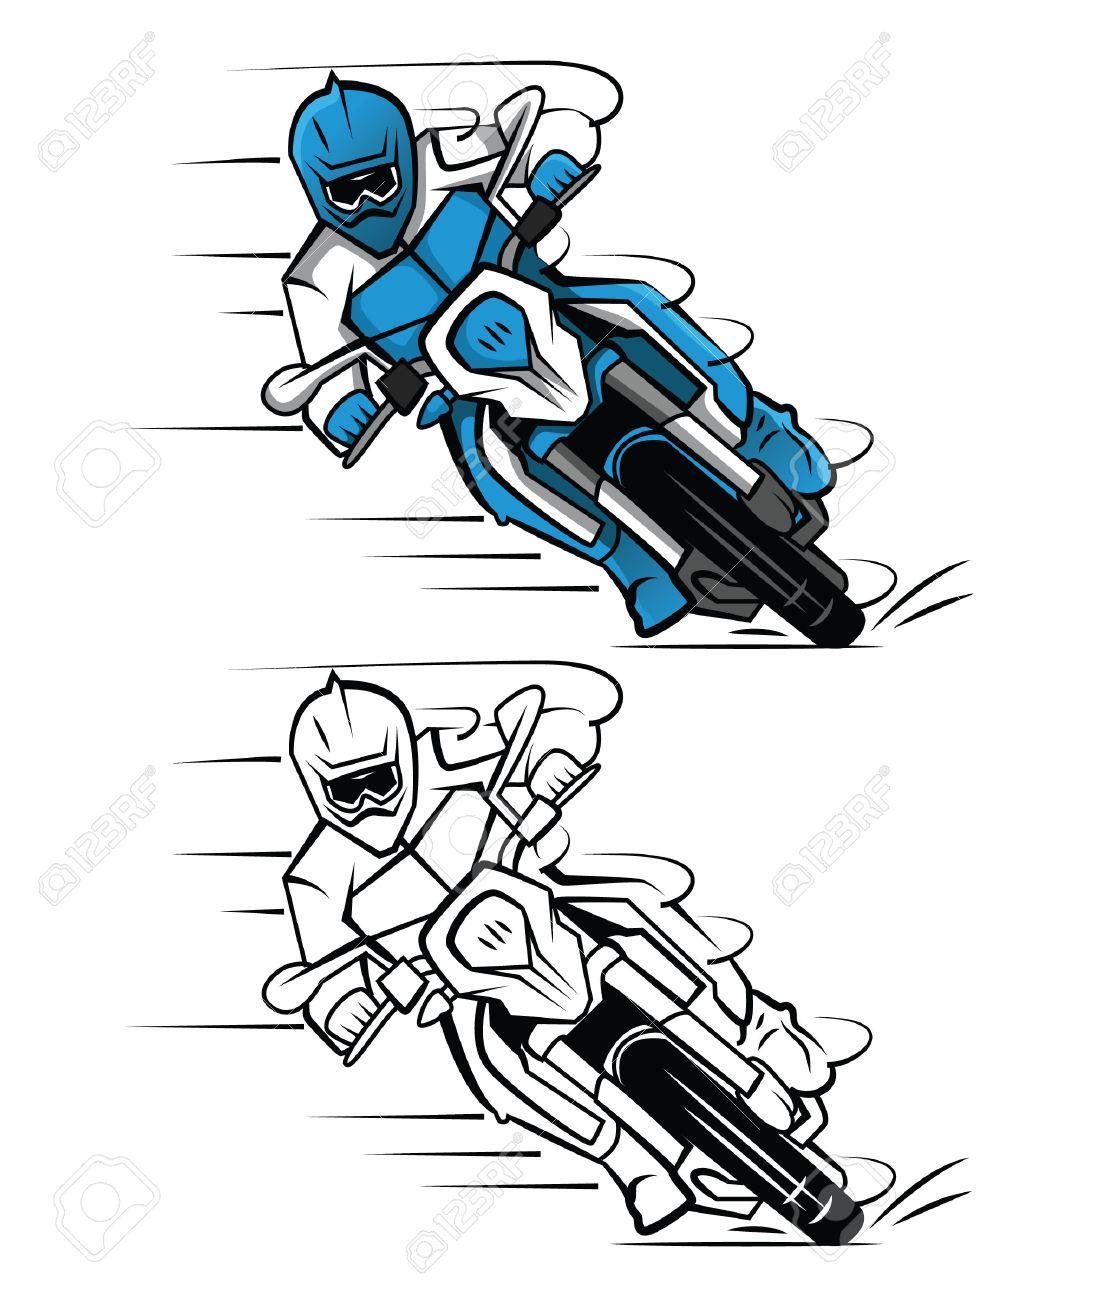 マリオマニアモト クロスの漫画のキャラクターの塗り絵のイラスト素材